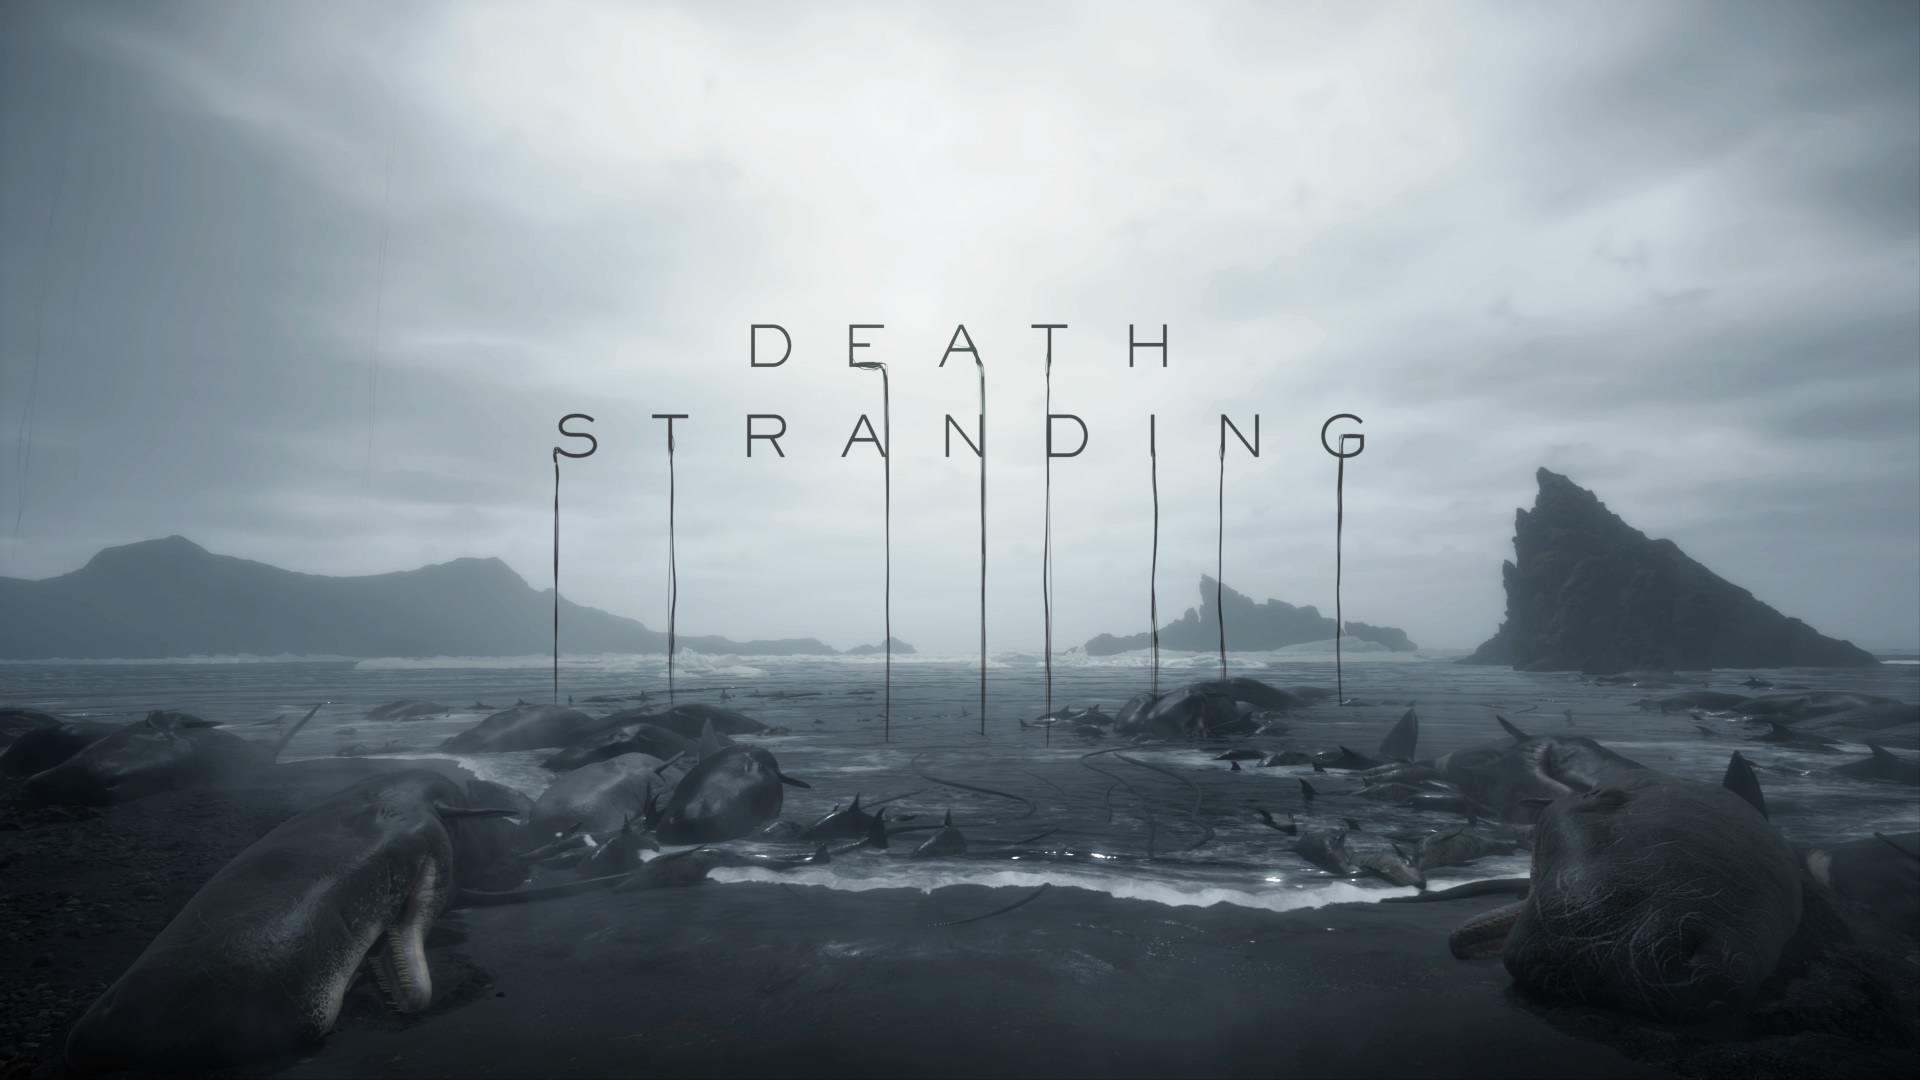 《死亡搁浅》评测8.8分 剑走偏锋的小岛式设计美学